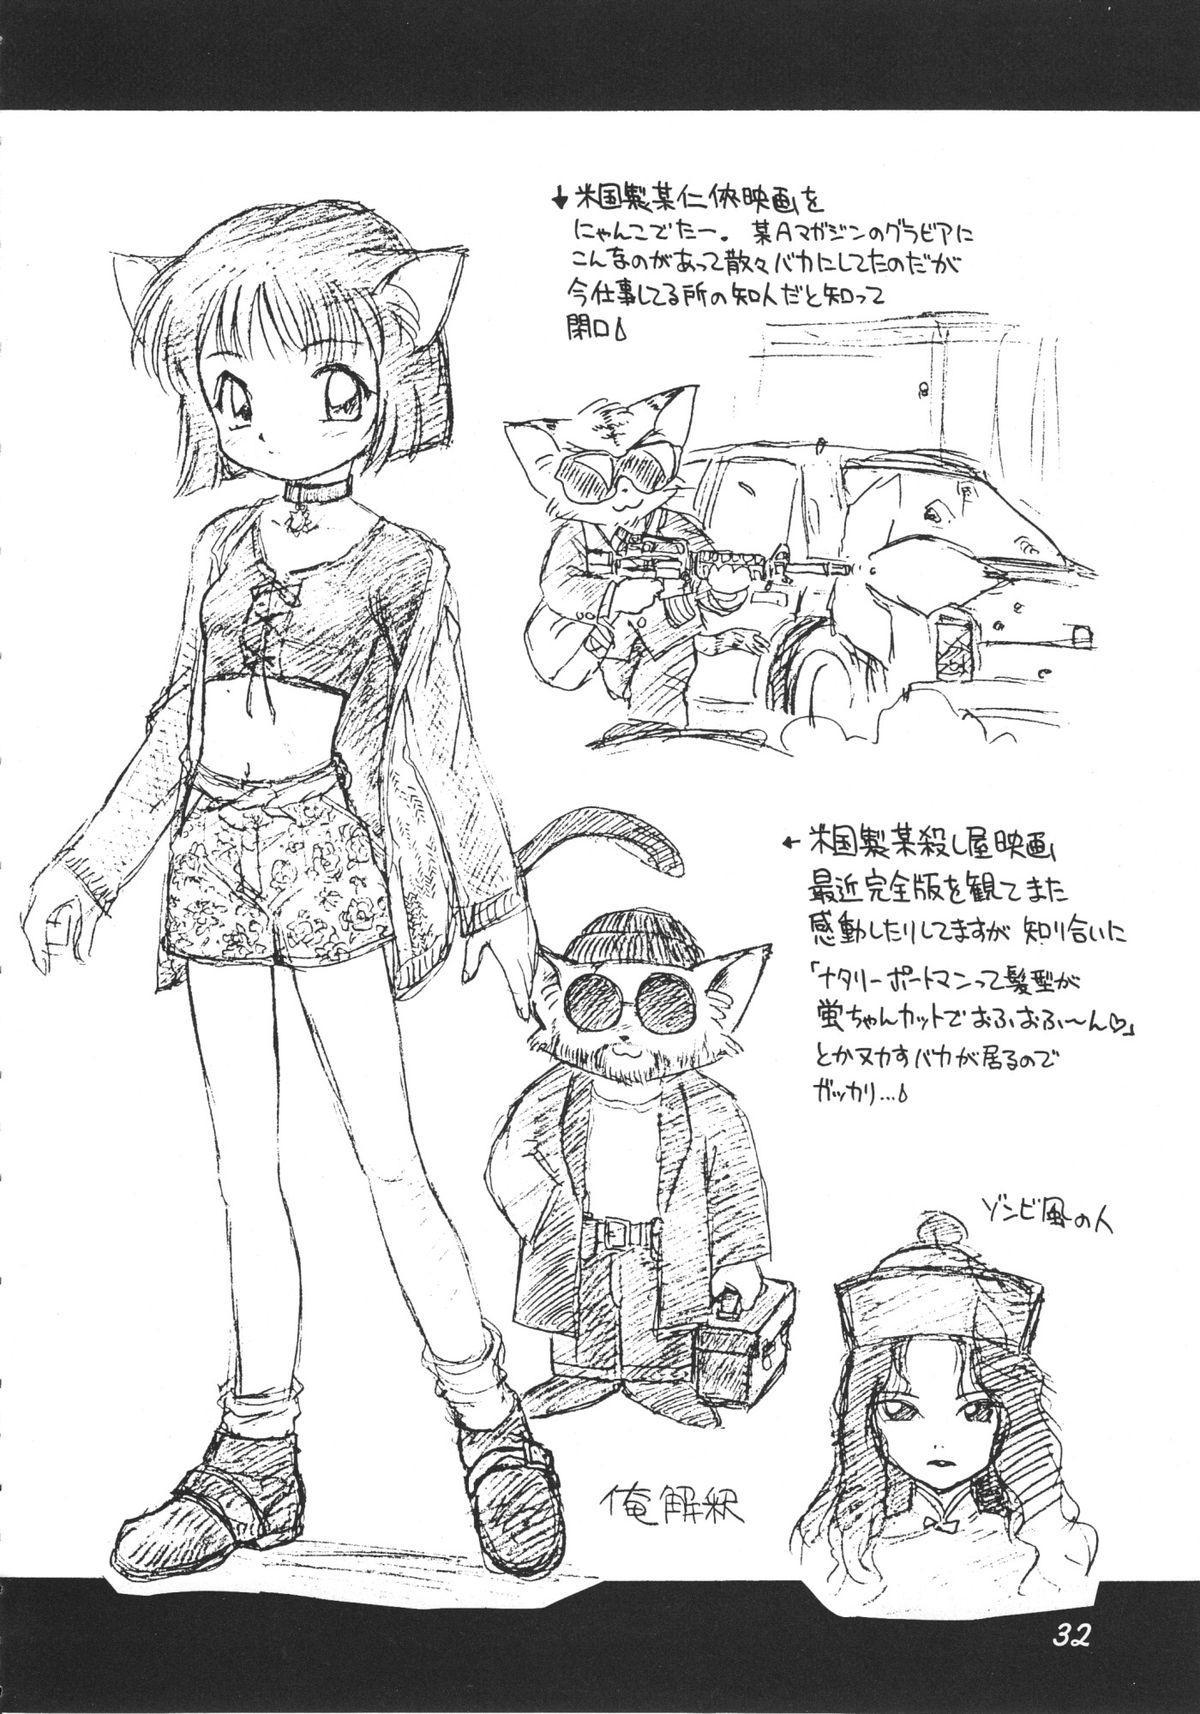 Uwasa no Neko Shuukai 30